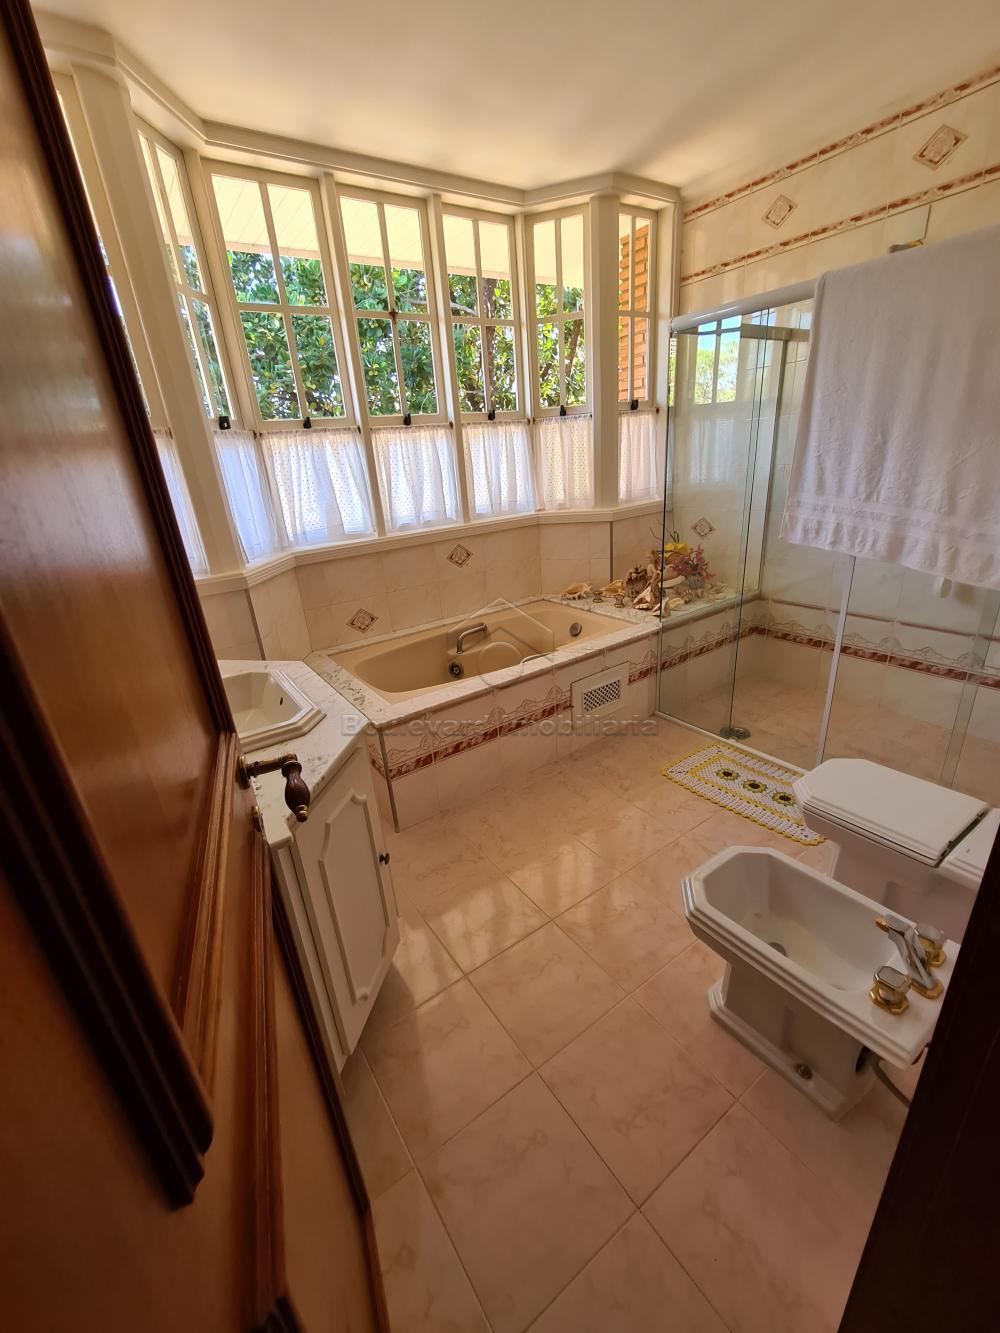 Comprar Casa / Condomínio em Bonfim Paulista R$ 3.200.000,00 - Foto 20